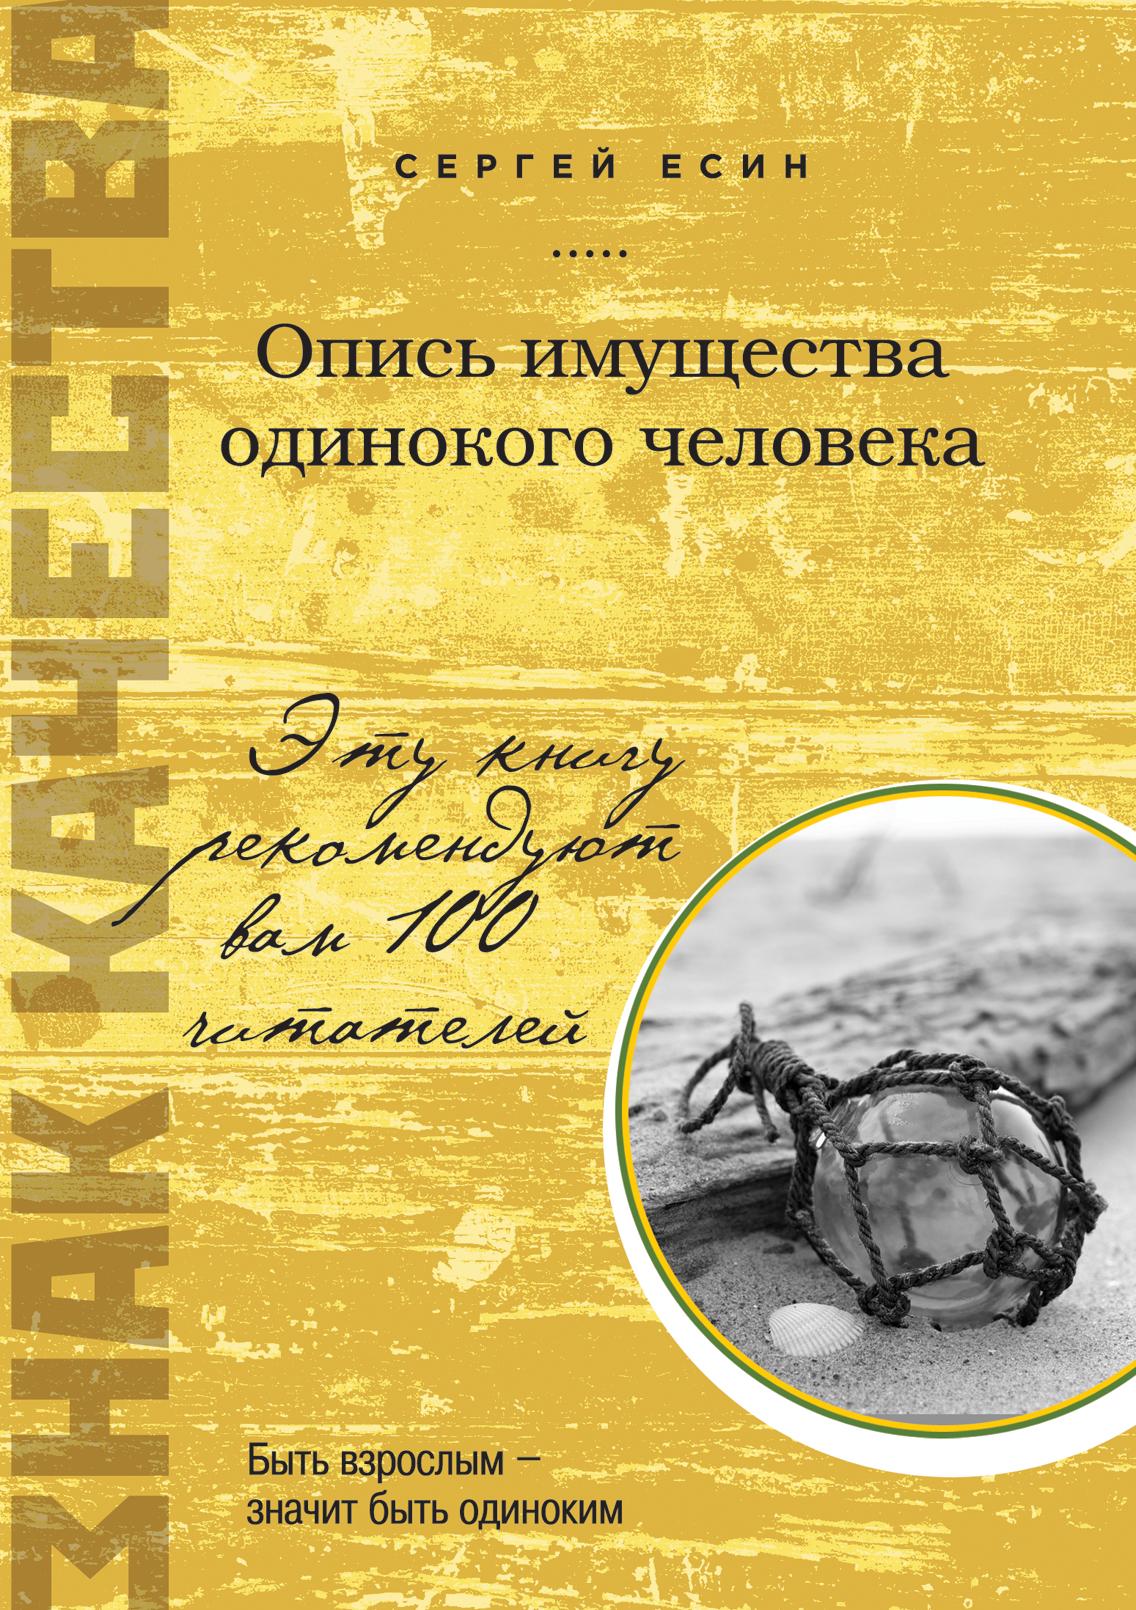 Сергей Есин Опись имущества одинокого человека сергей есин сергей есин собрание сочинений комплект из 5 книг